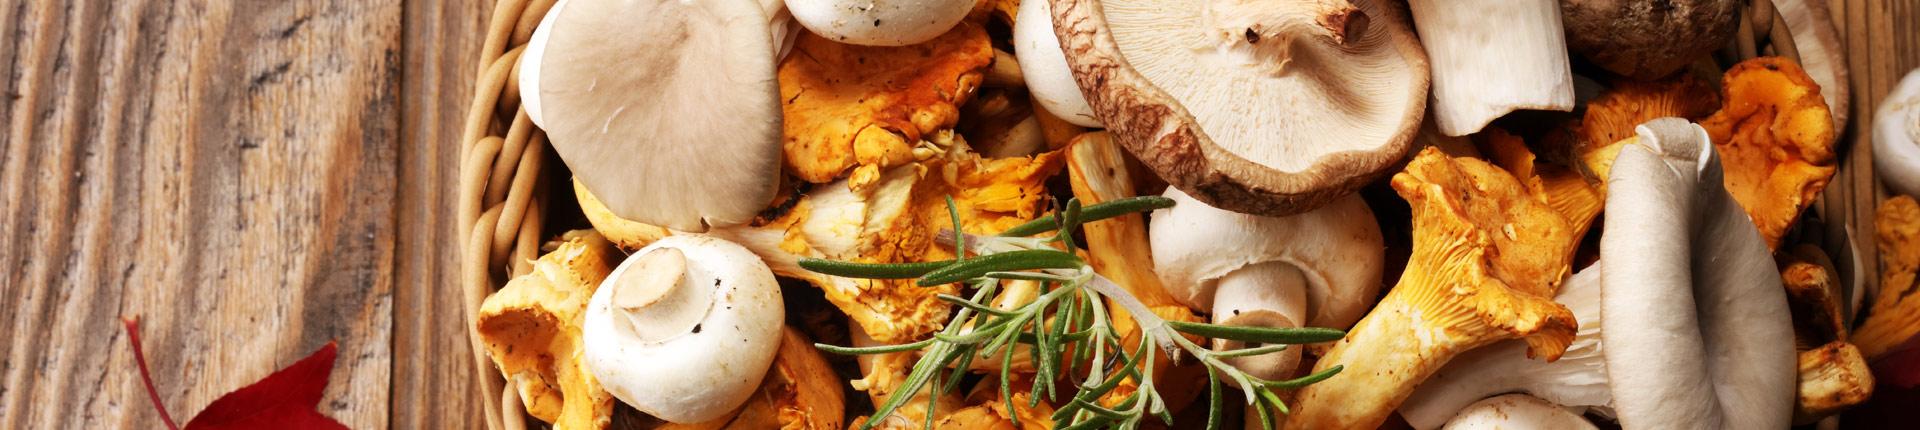 Grzyby niedocenione źródło pokarmowe?